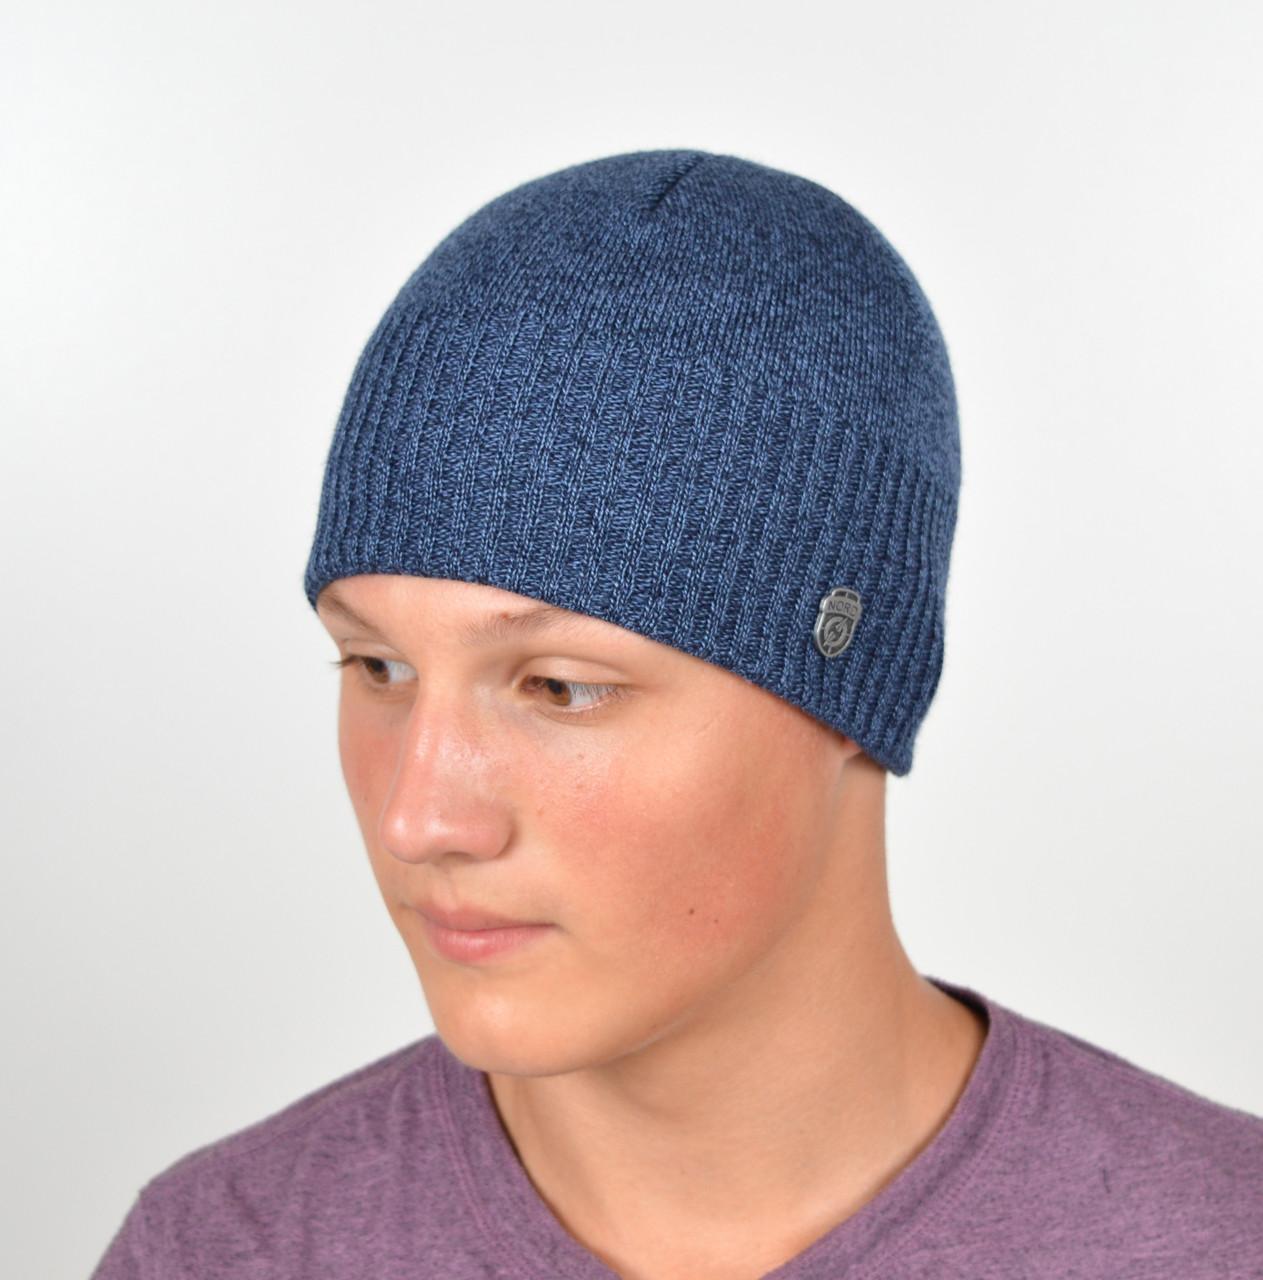 зимние шапки оптом шапки вязаные оптом купить оптом шапки низкие